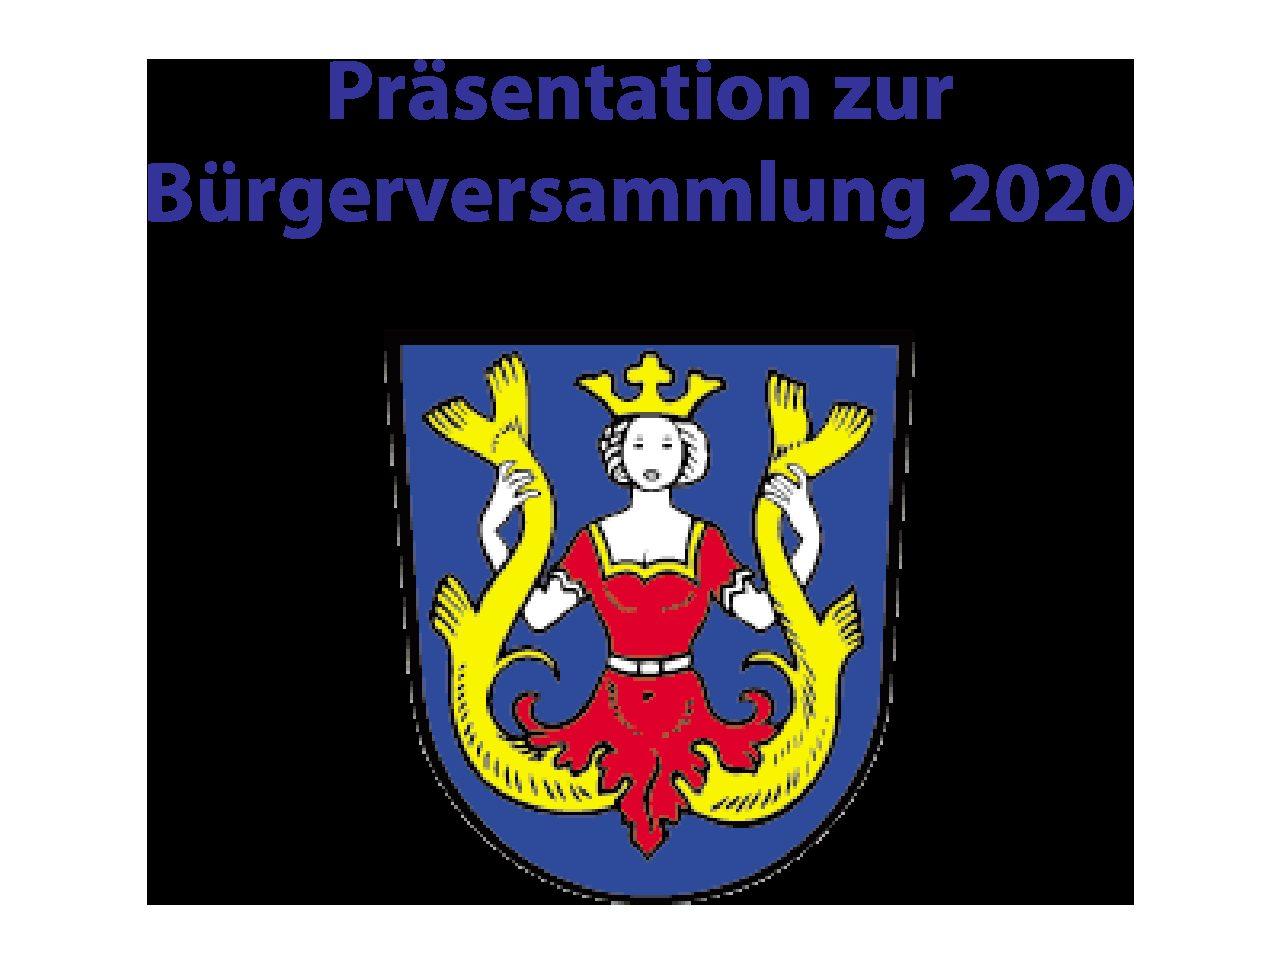 Buergerversammlung-2020